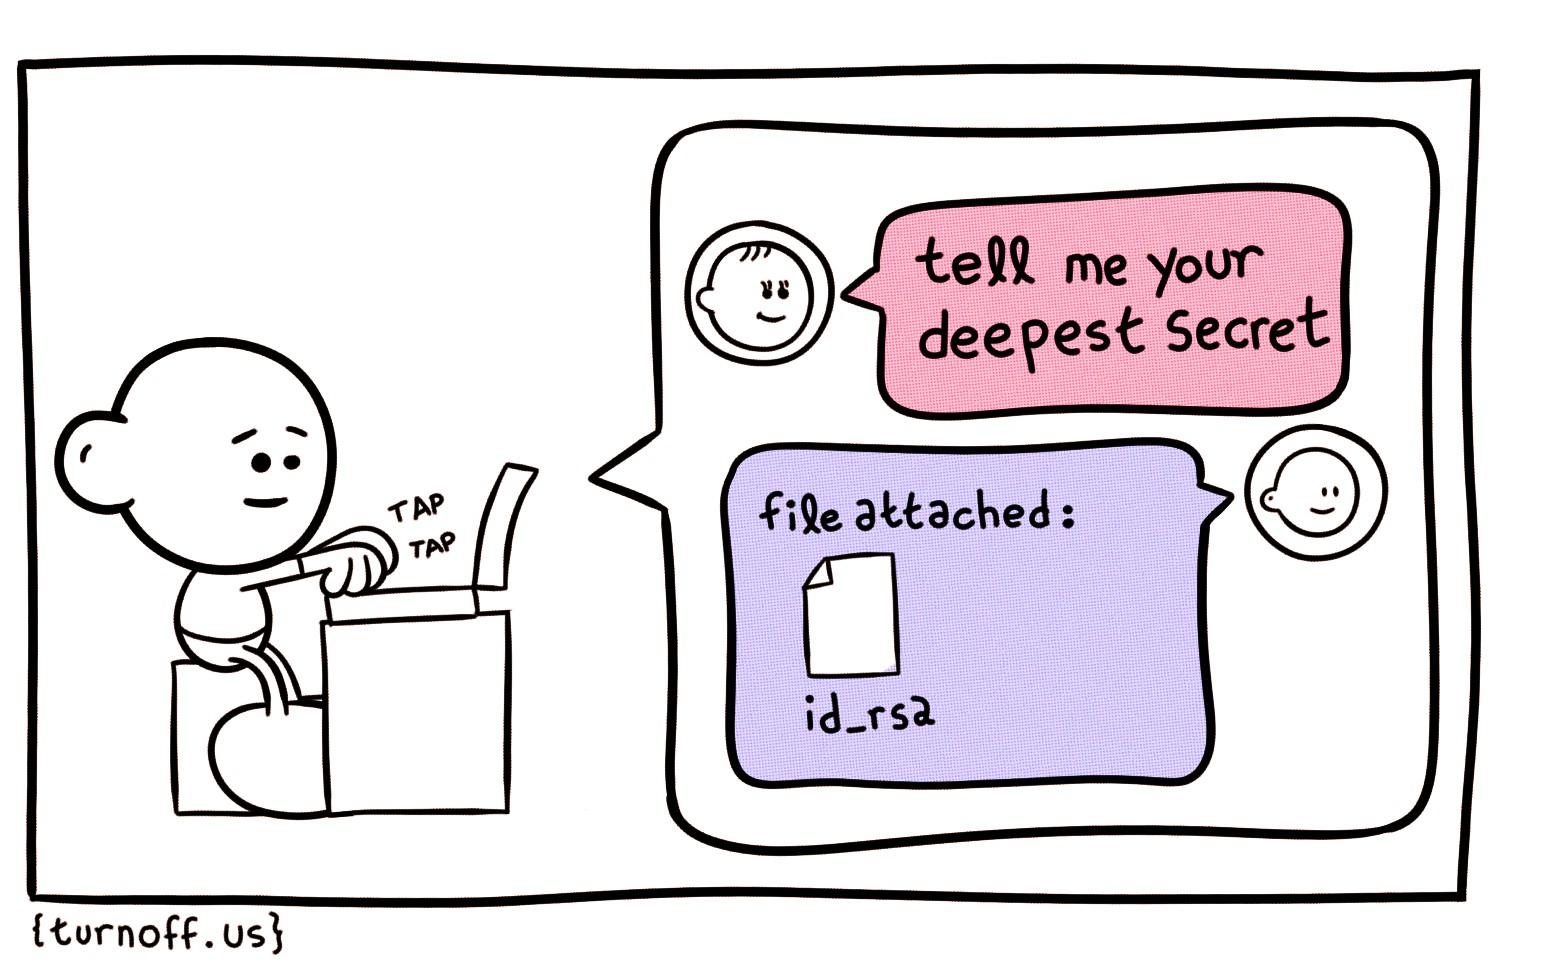 Keycloak definitions